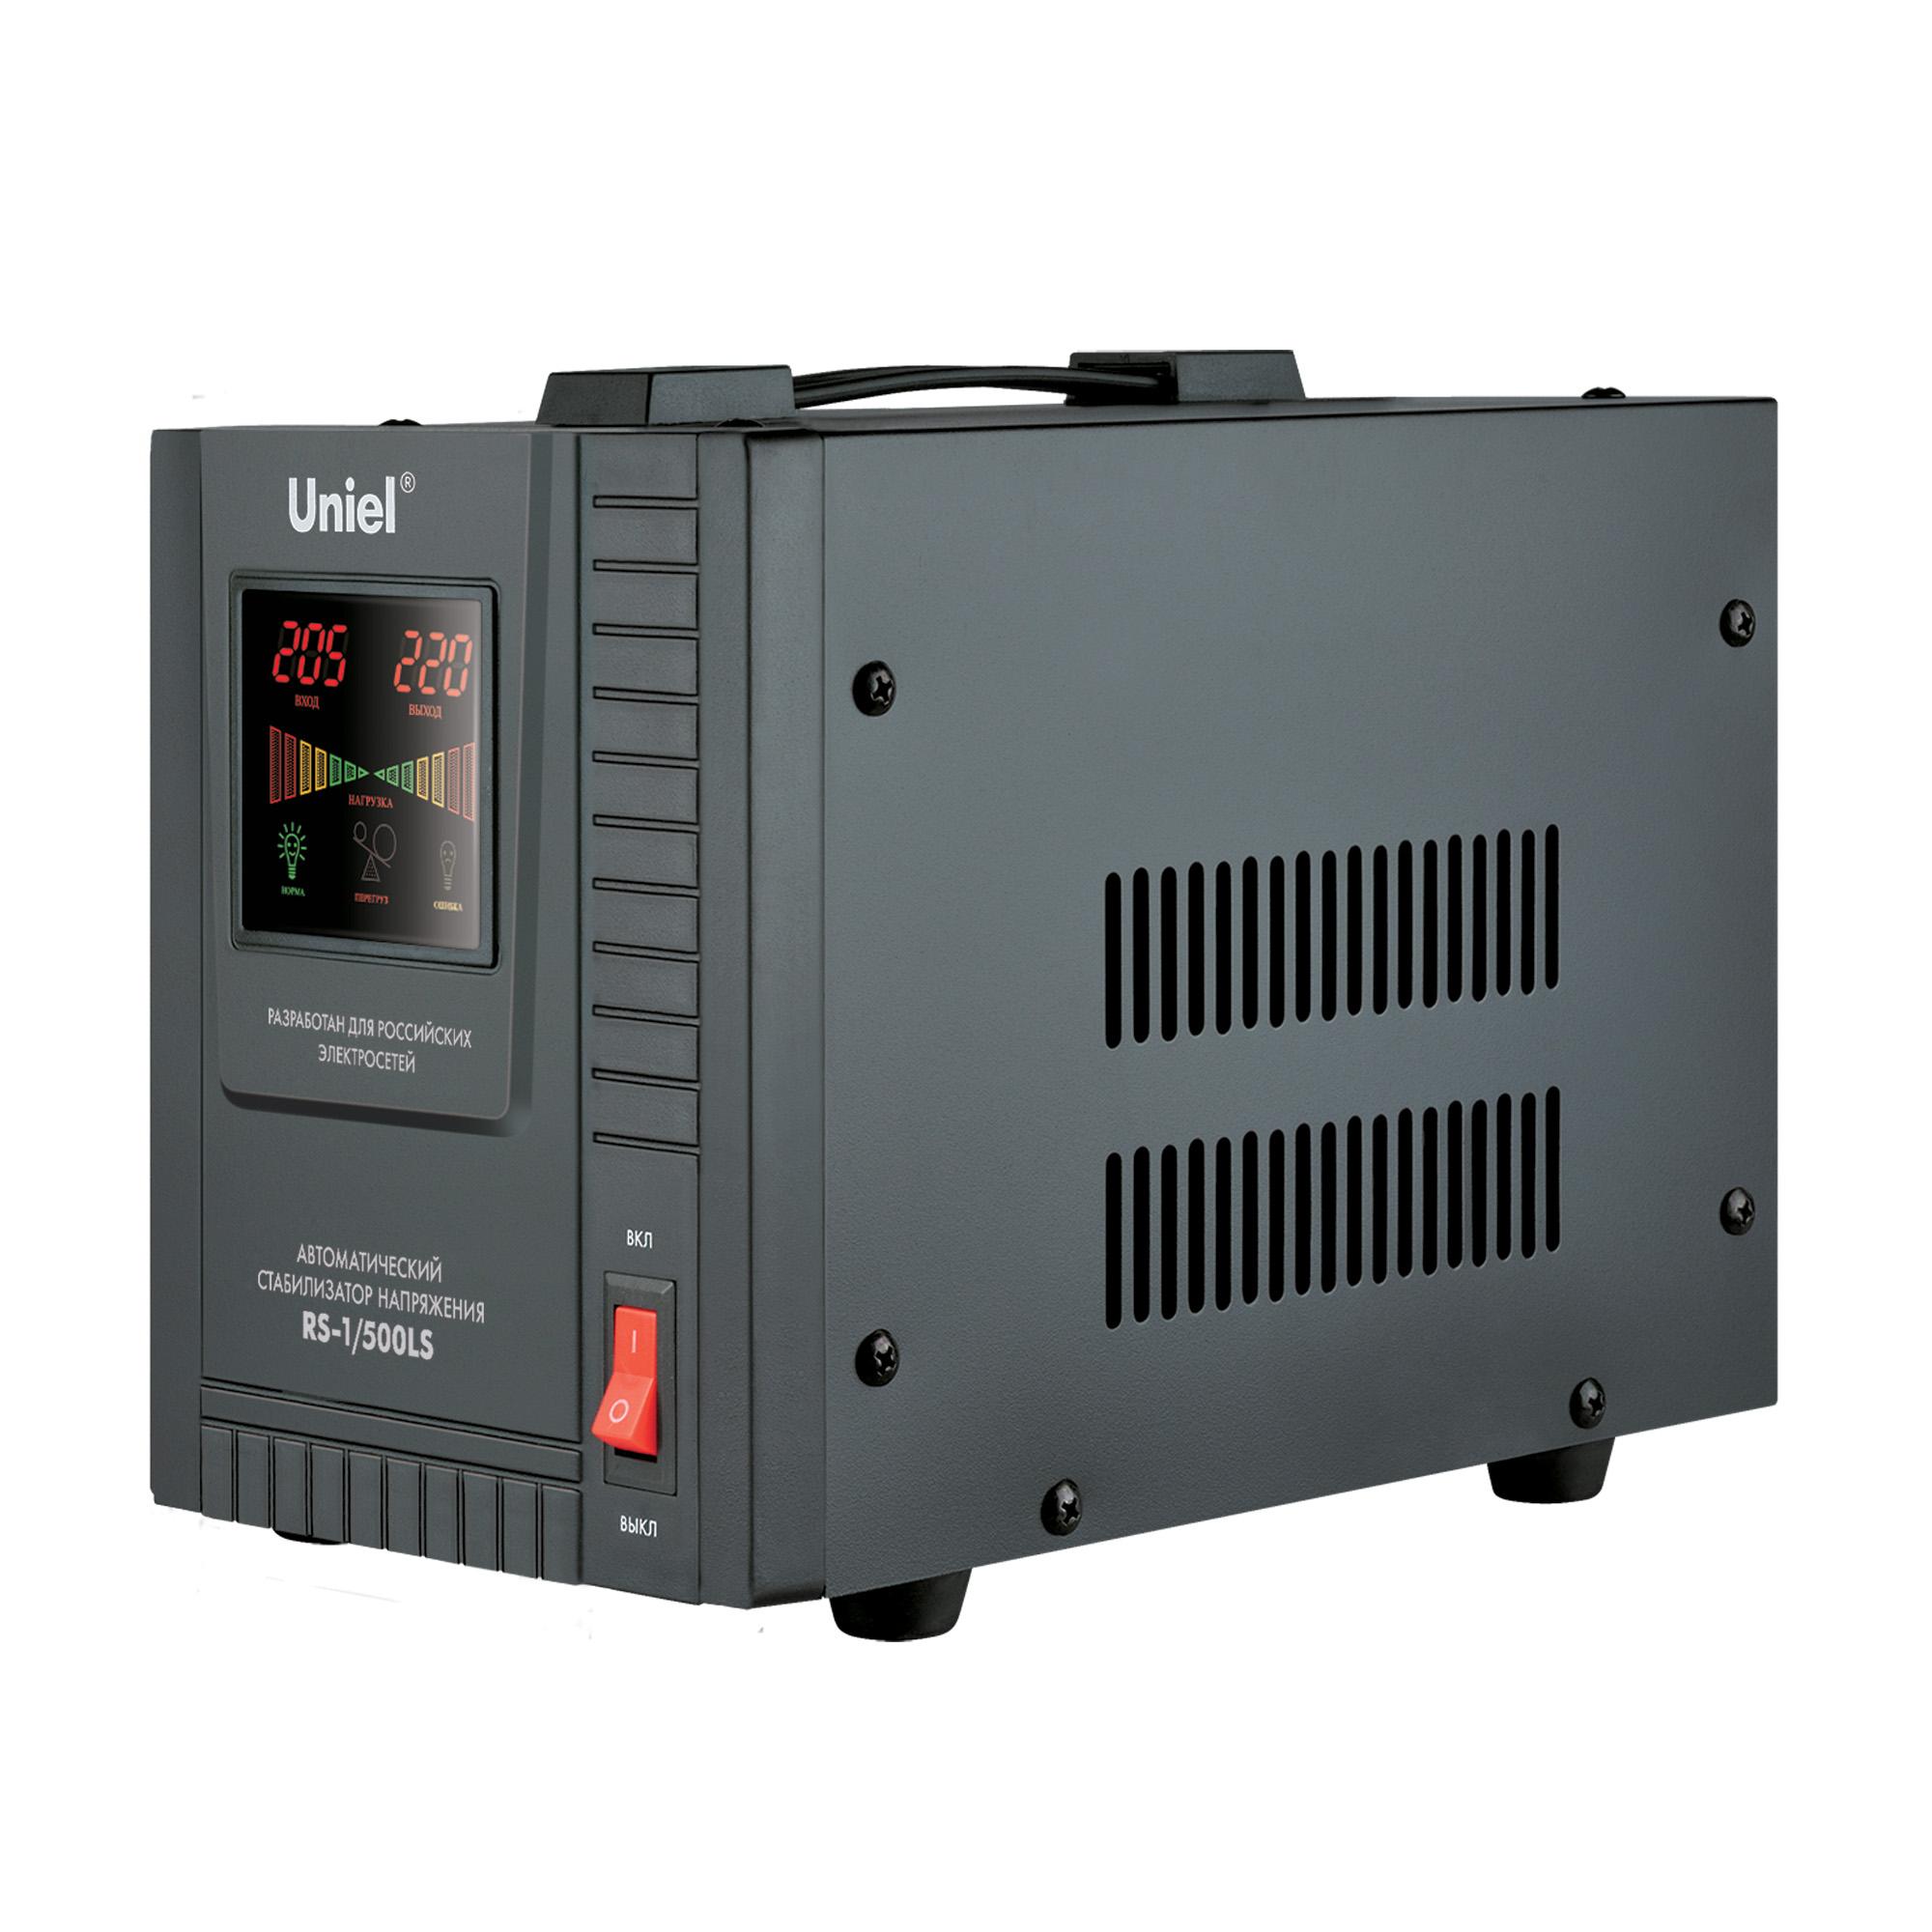 Купить со скидкой Стабилизатор напряжения Uniel Rs-1/500ls